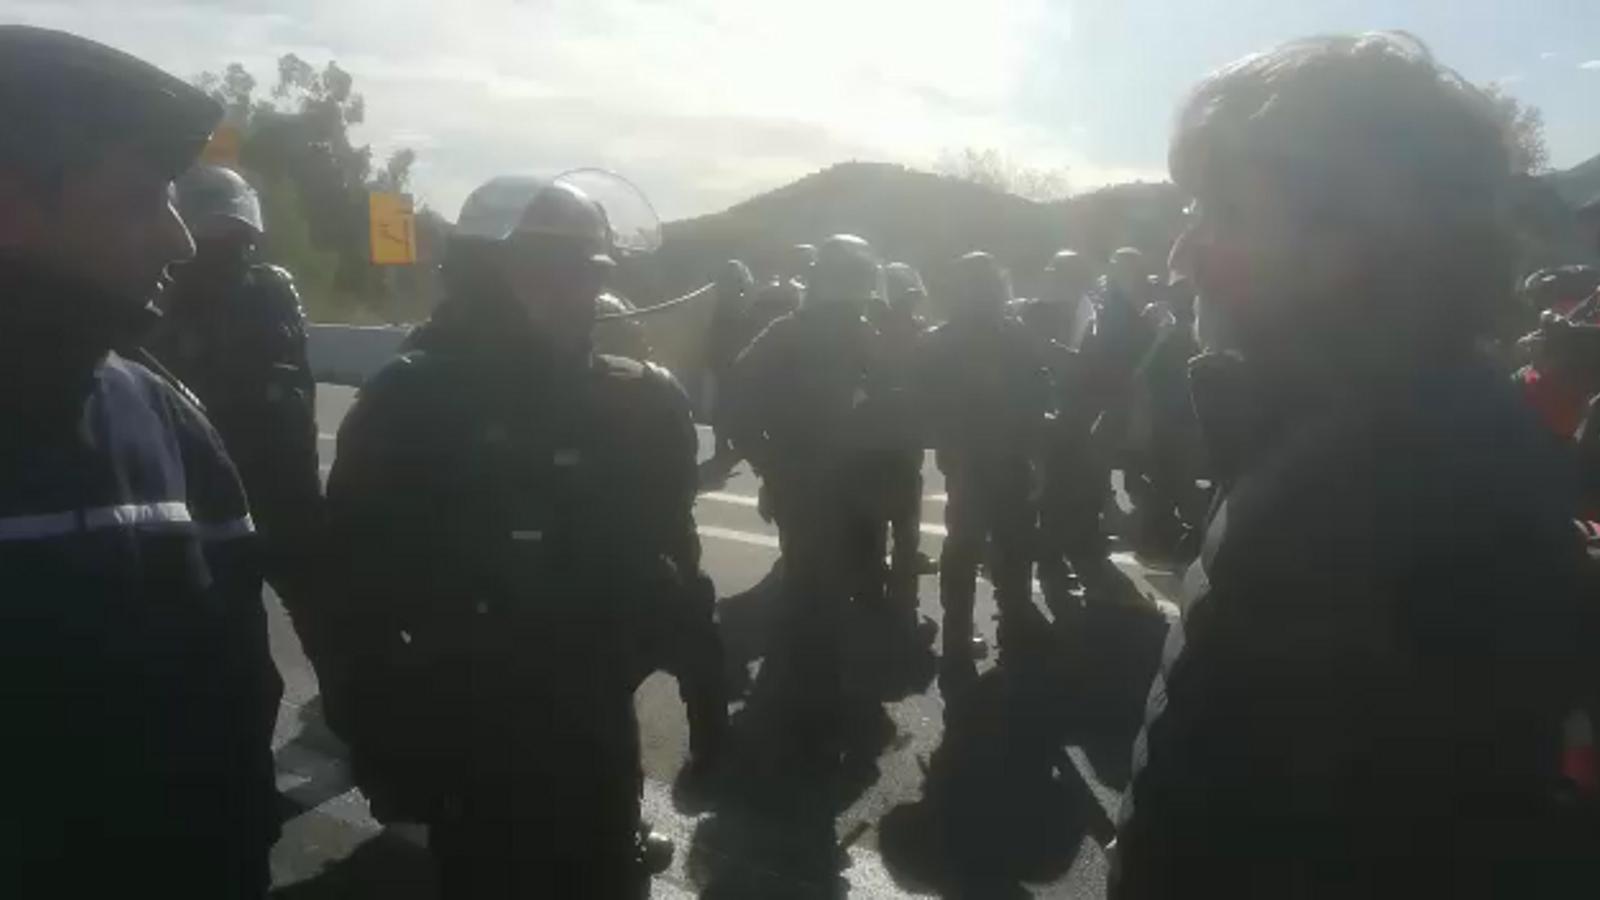 La Gendarmerie arriba a un acord amb els manifestants. La policia francesa els dona una hora per treure tots els cotxes que estan davant el cordó. No són tots els vehicles que estan aparcats a la part francesa de l'autopista perquè darrere el cordó policial n'hi ha uns quants més